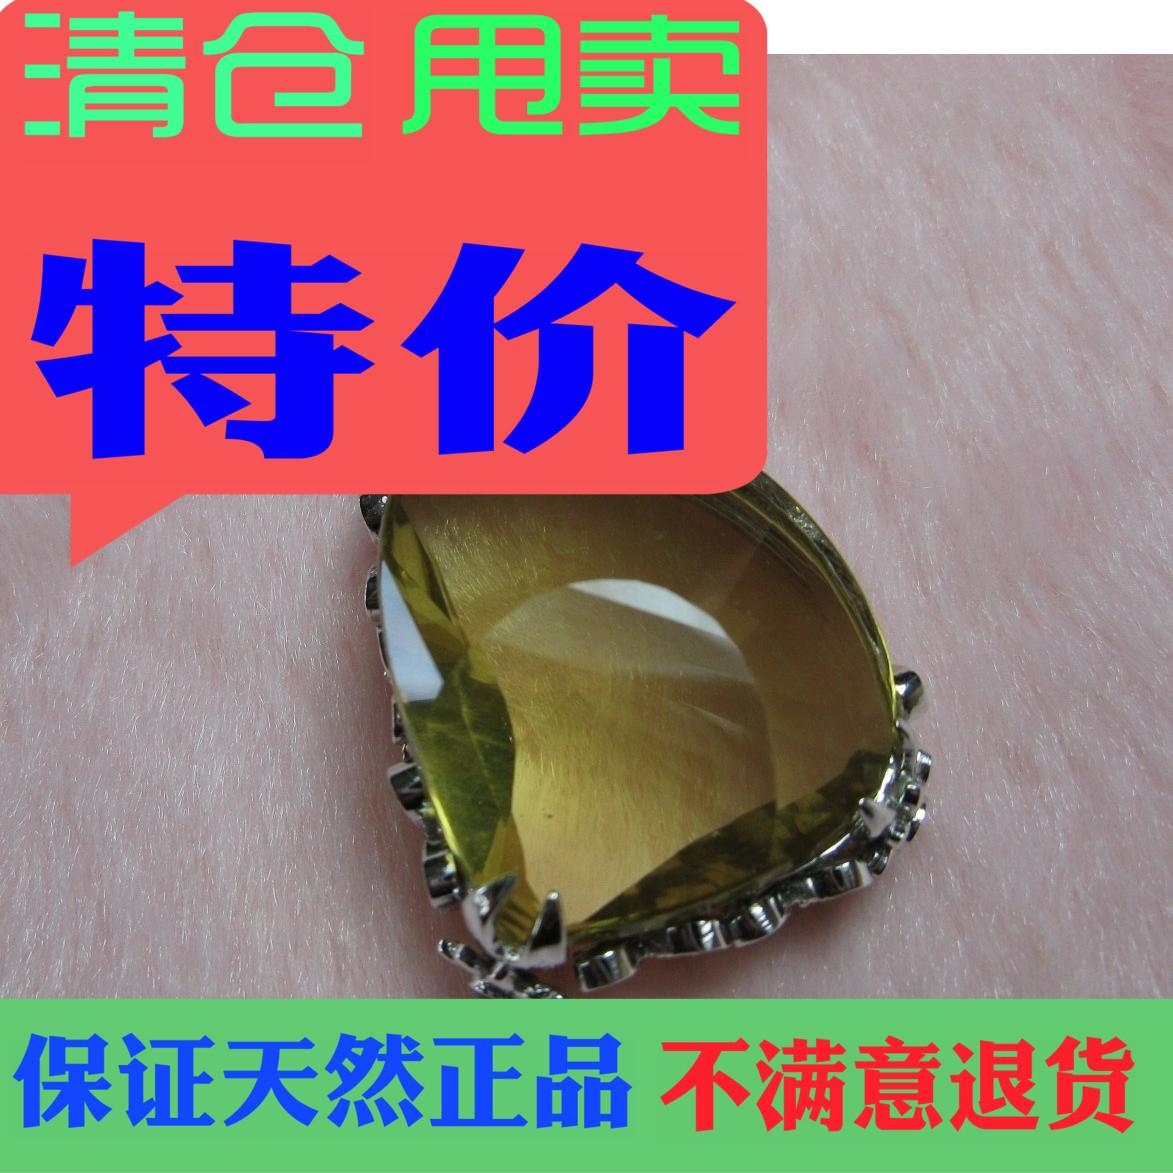 促销时尚彩色宝石珠宝镭射切割黄水晶女款吊坠生日结婚礼物包邮